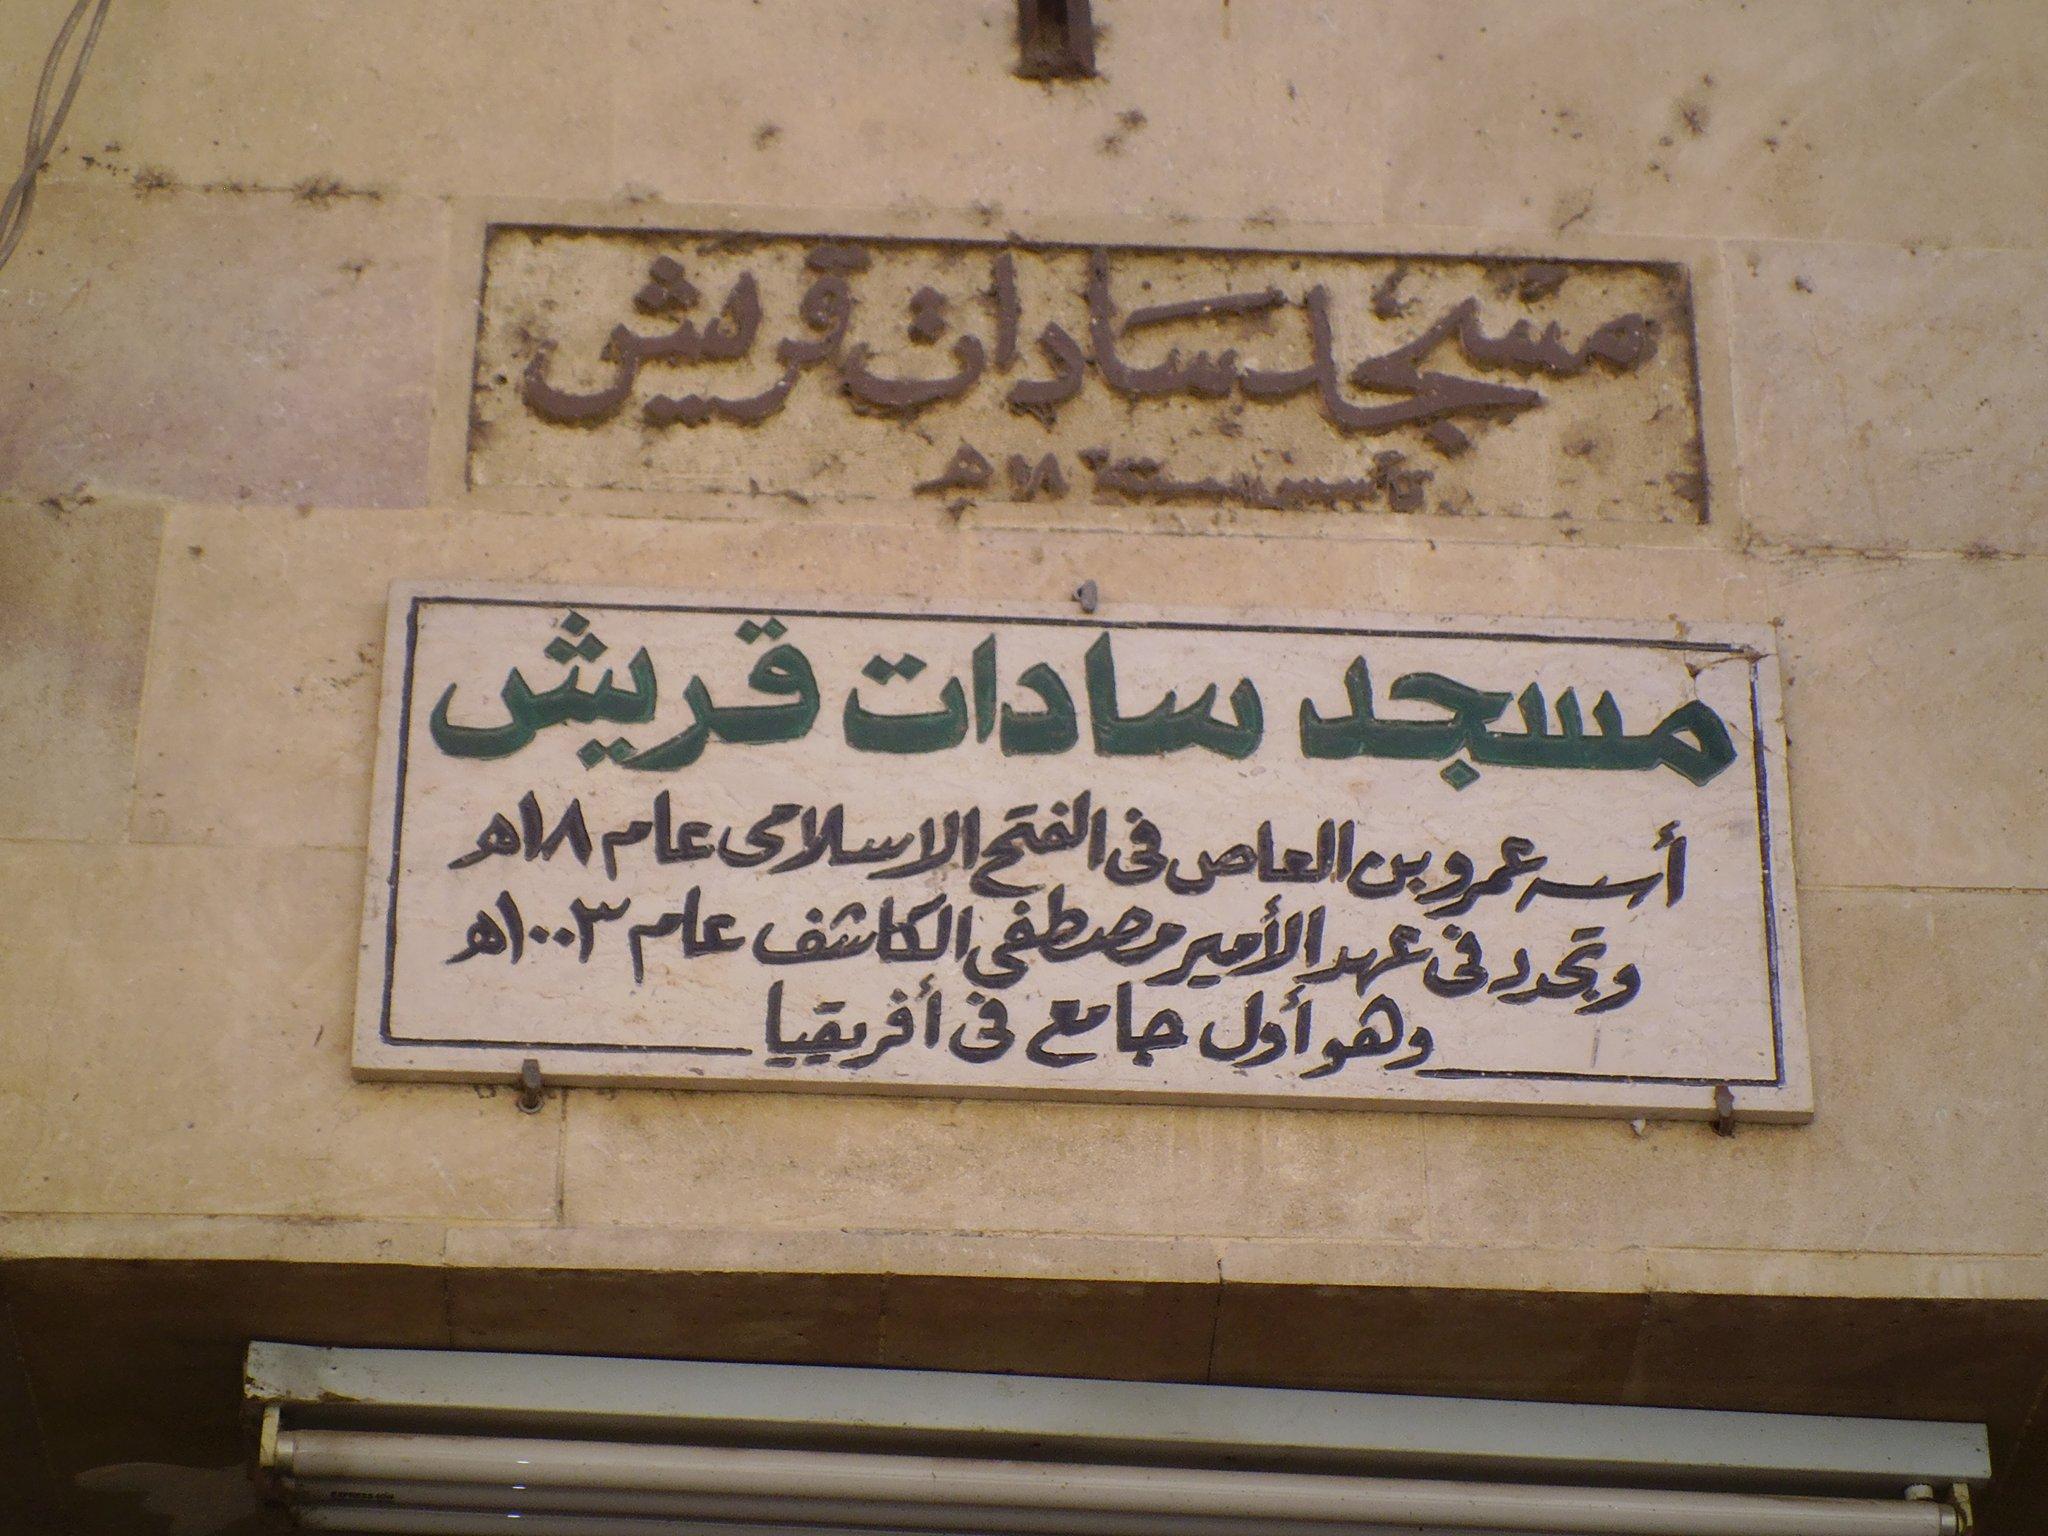 لافتة أثرية تعلو أخرى حديثة بالمسجد